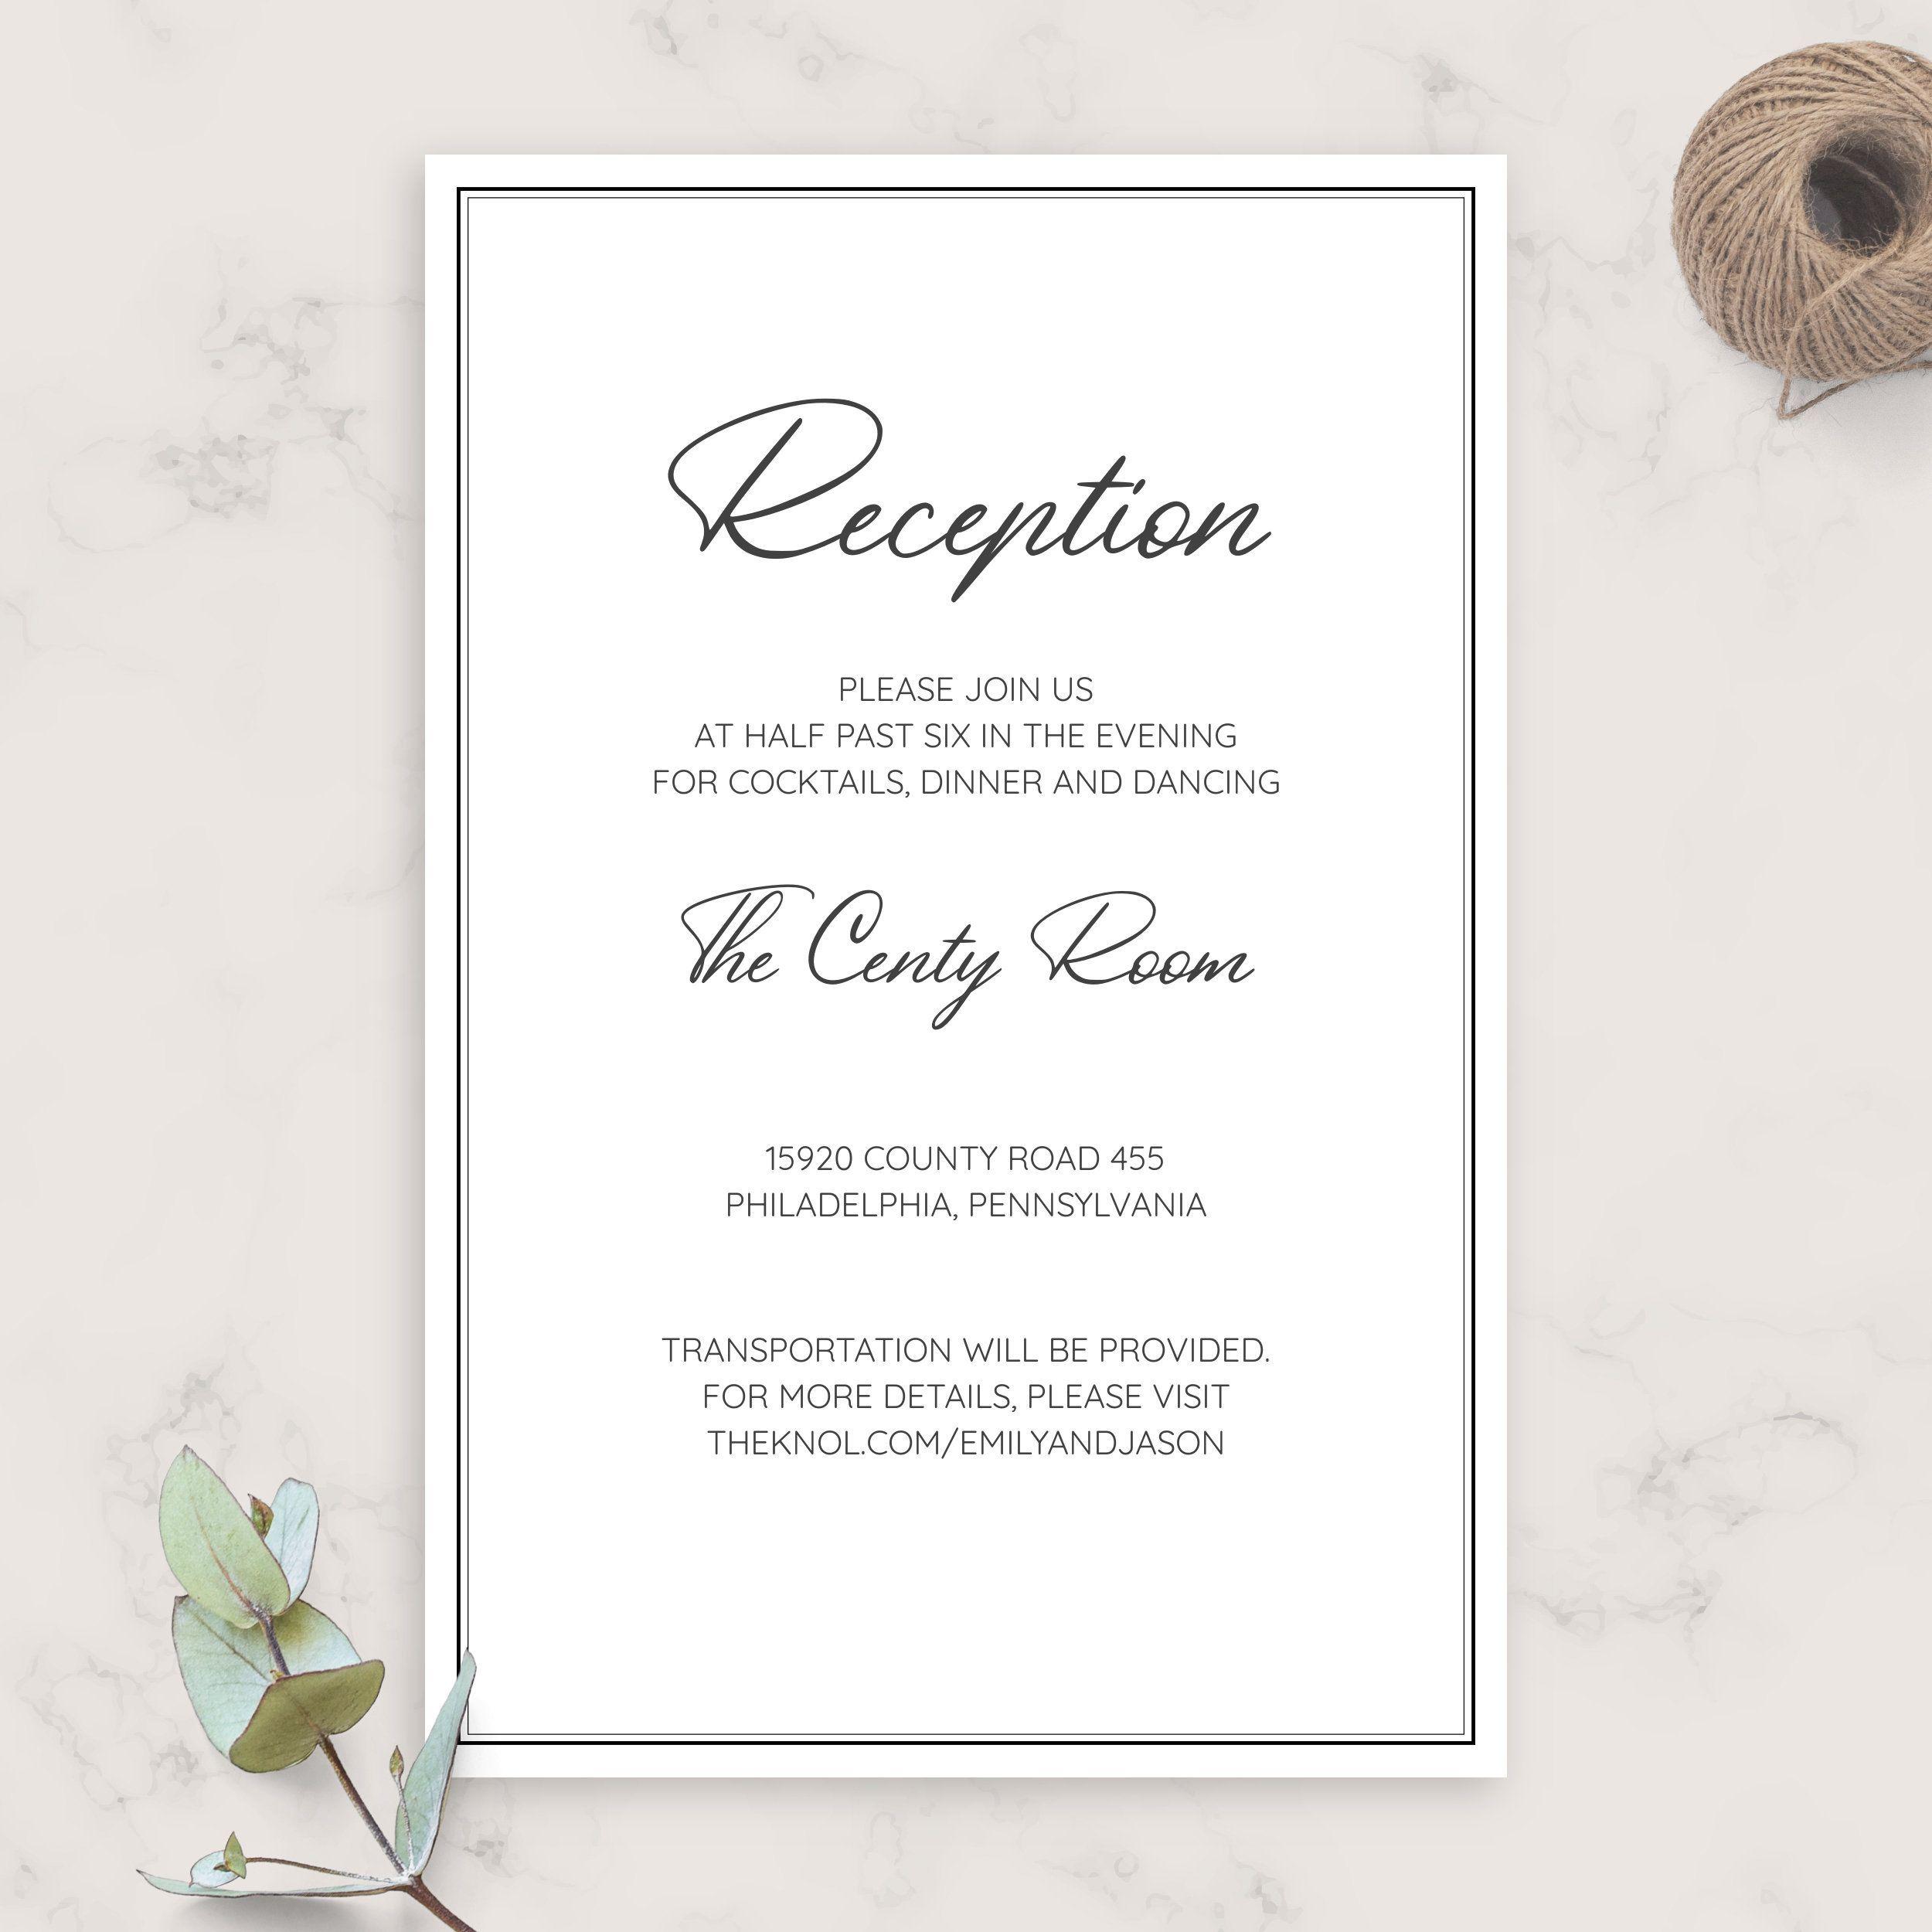 Simple Elegant Wedding Reception Card Diy Printable Wedding Etsy In 2020 Wedding Reception Cards Wedding Invitation Enclosure Cards Wedding Invitation Enclosures